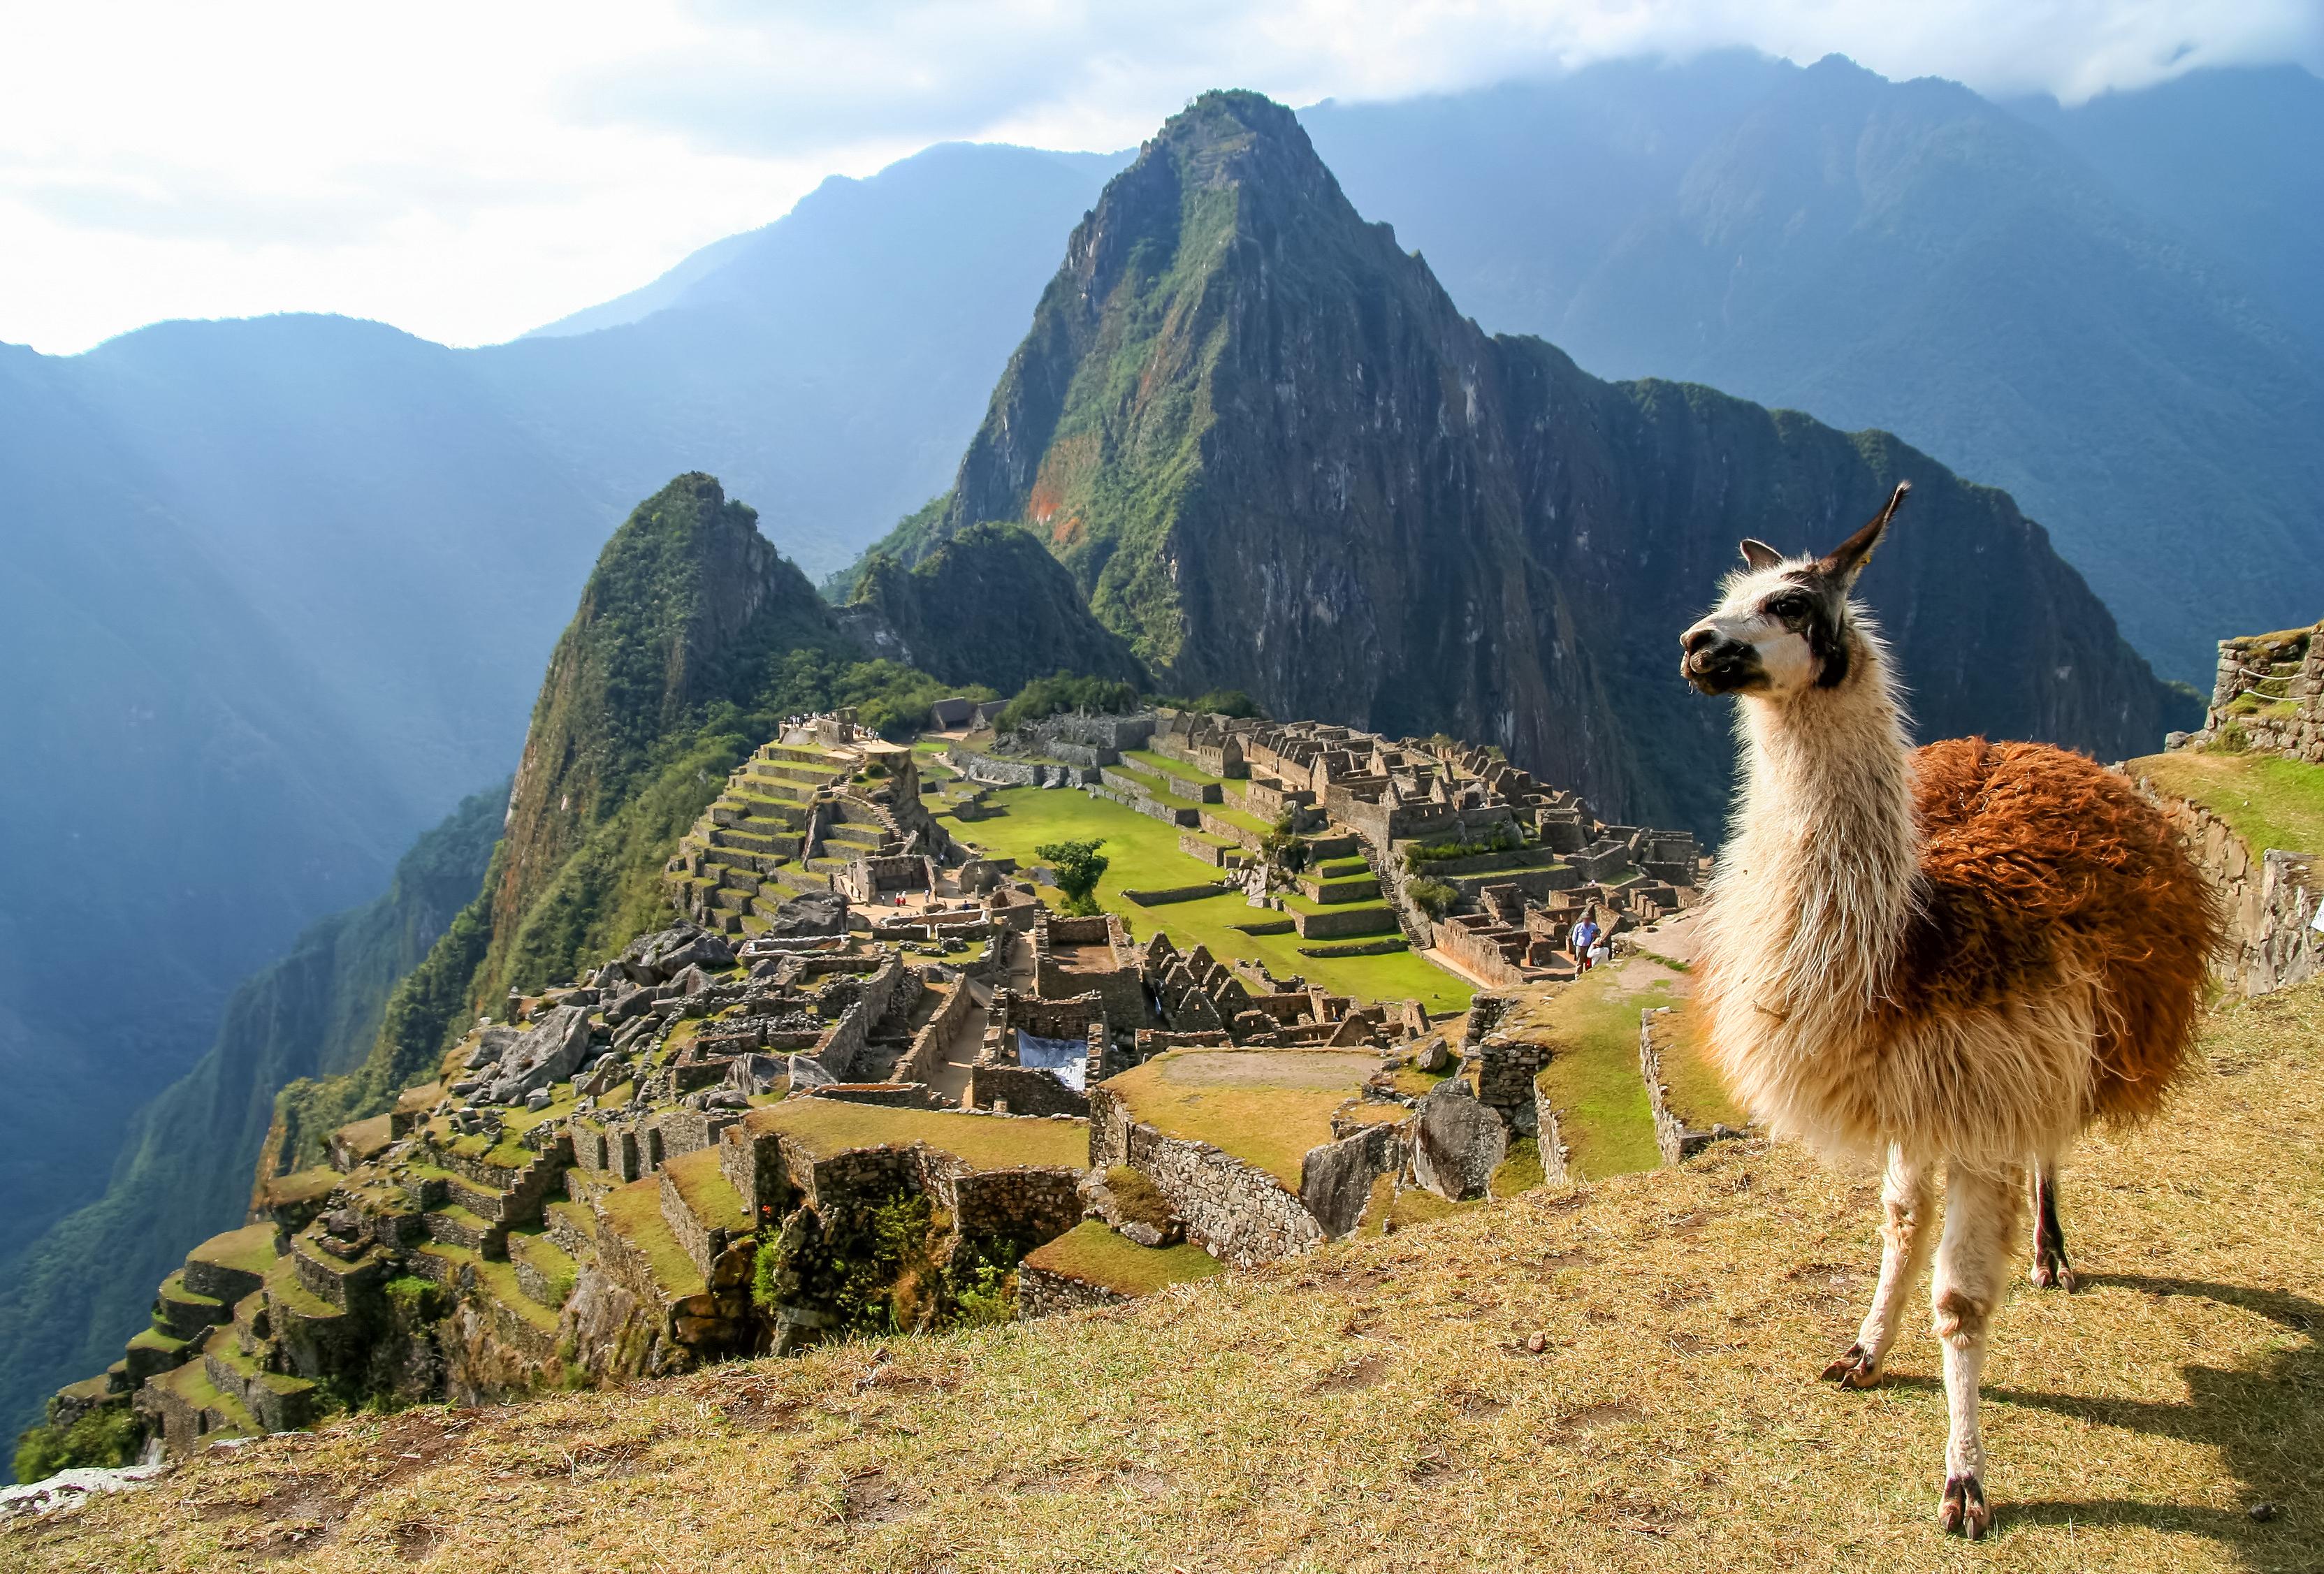 Asciende al Machu Picchu, el último refugio de los incas - Perú Gran Viaje Lo mejor de Perú